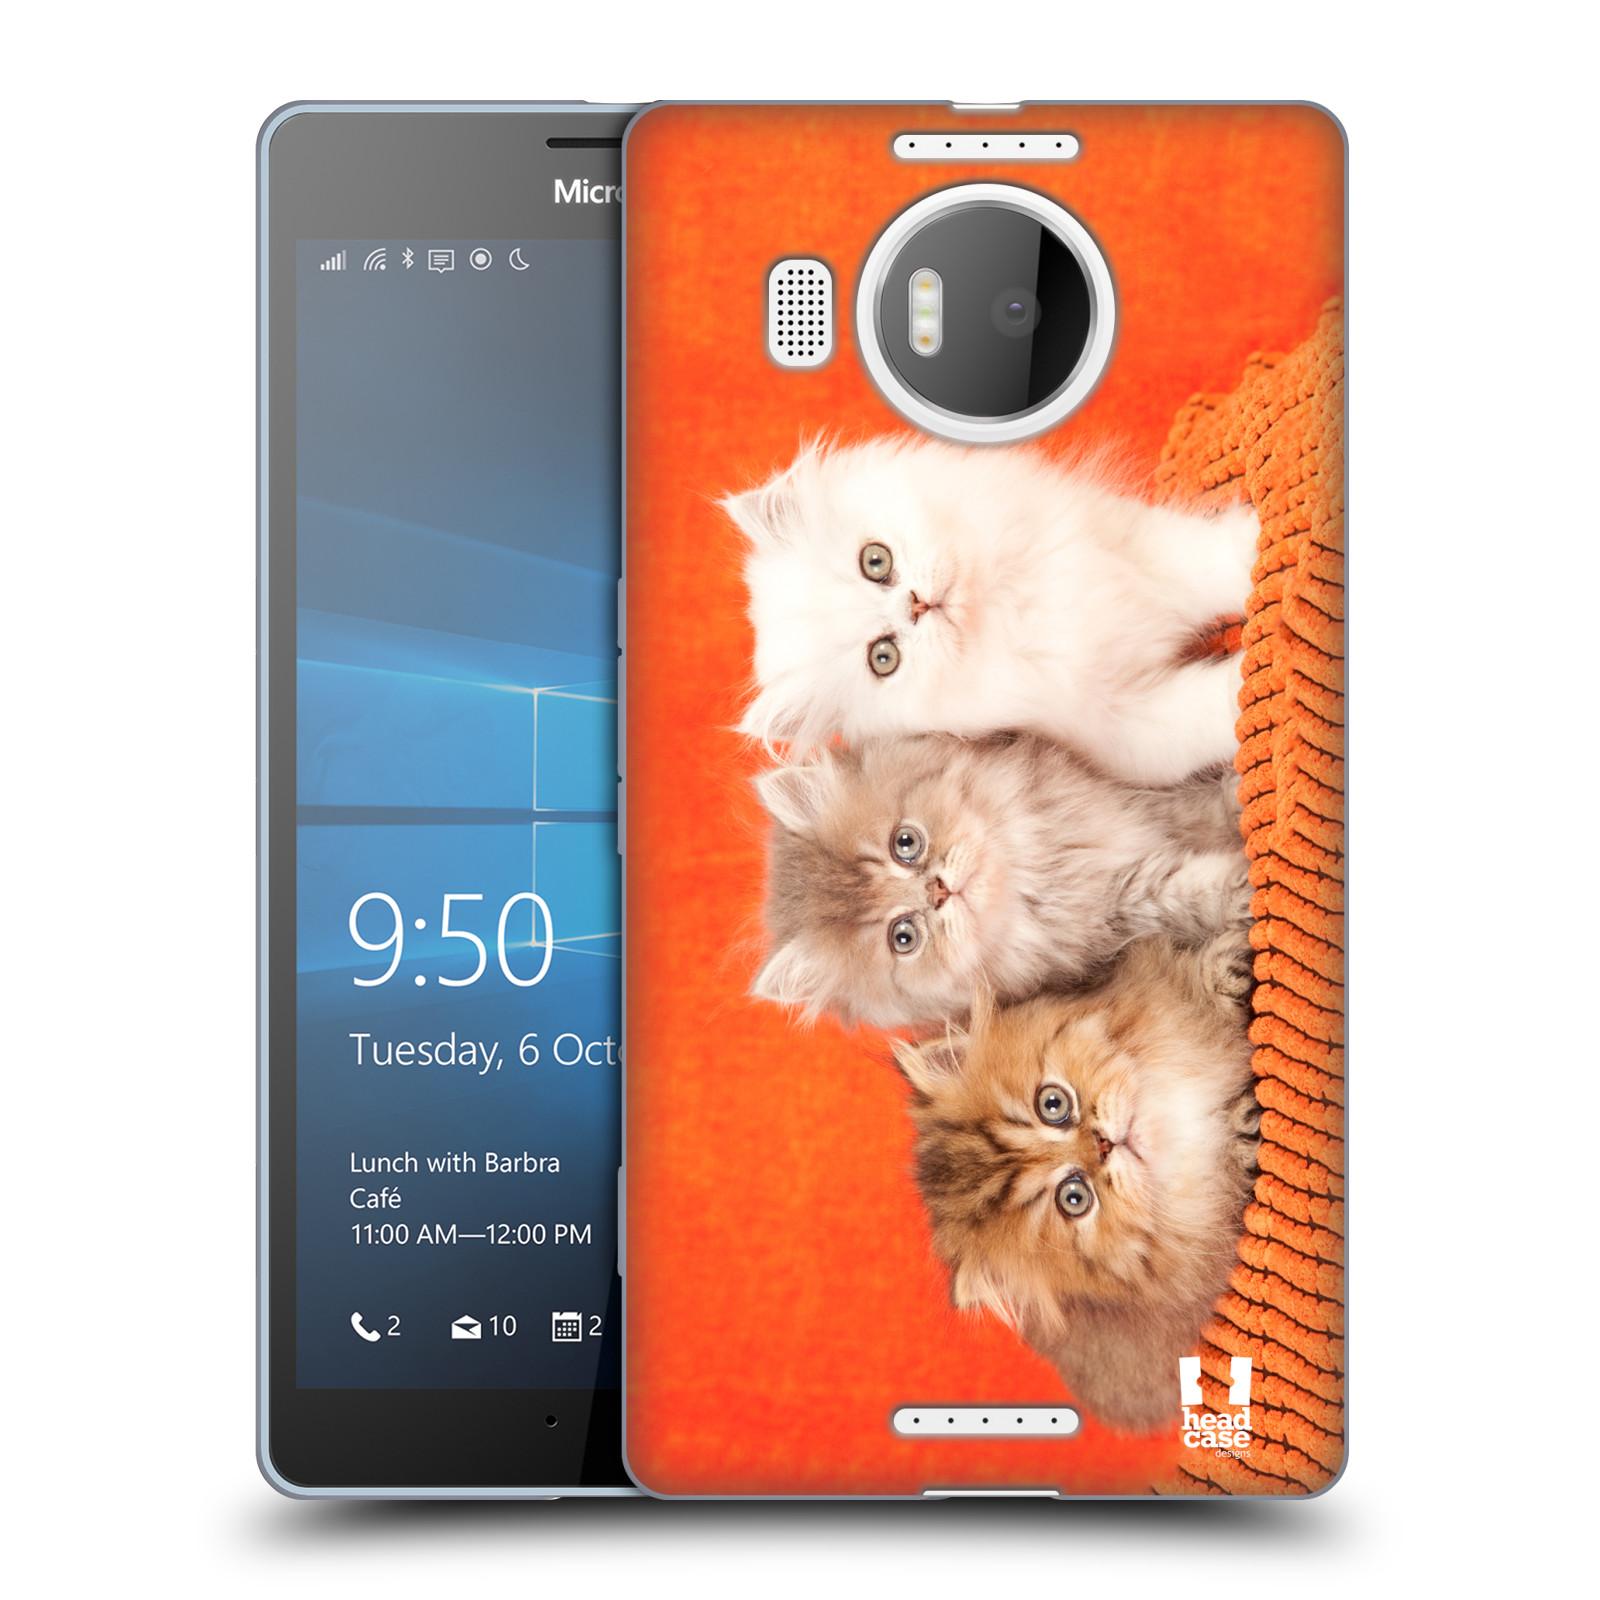 HEAD CASE silikonový obal na mobil NOKIA, MICROSOFT LUMIA 950 XL / LUMIA 950 XL DUAL SIM vzor Kočičky koťata foto 3 kočky